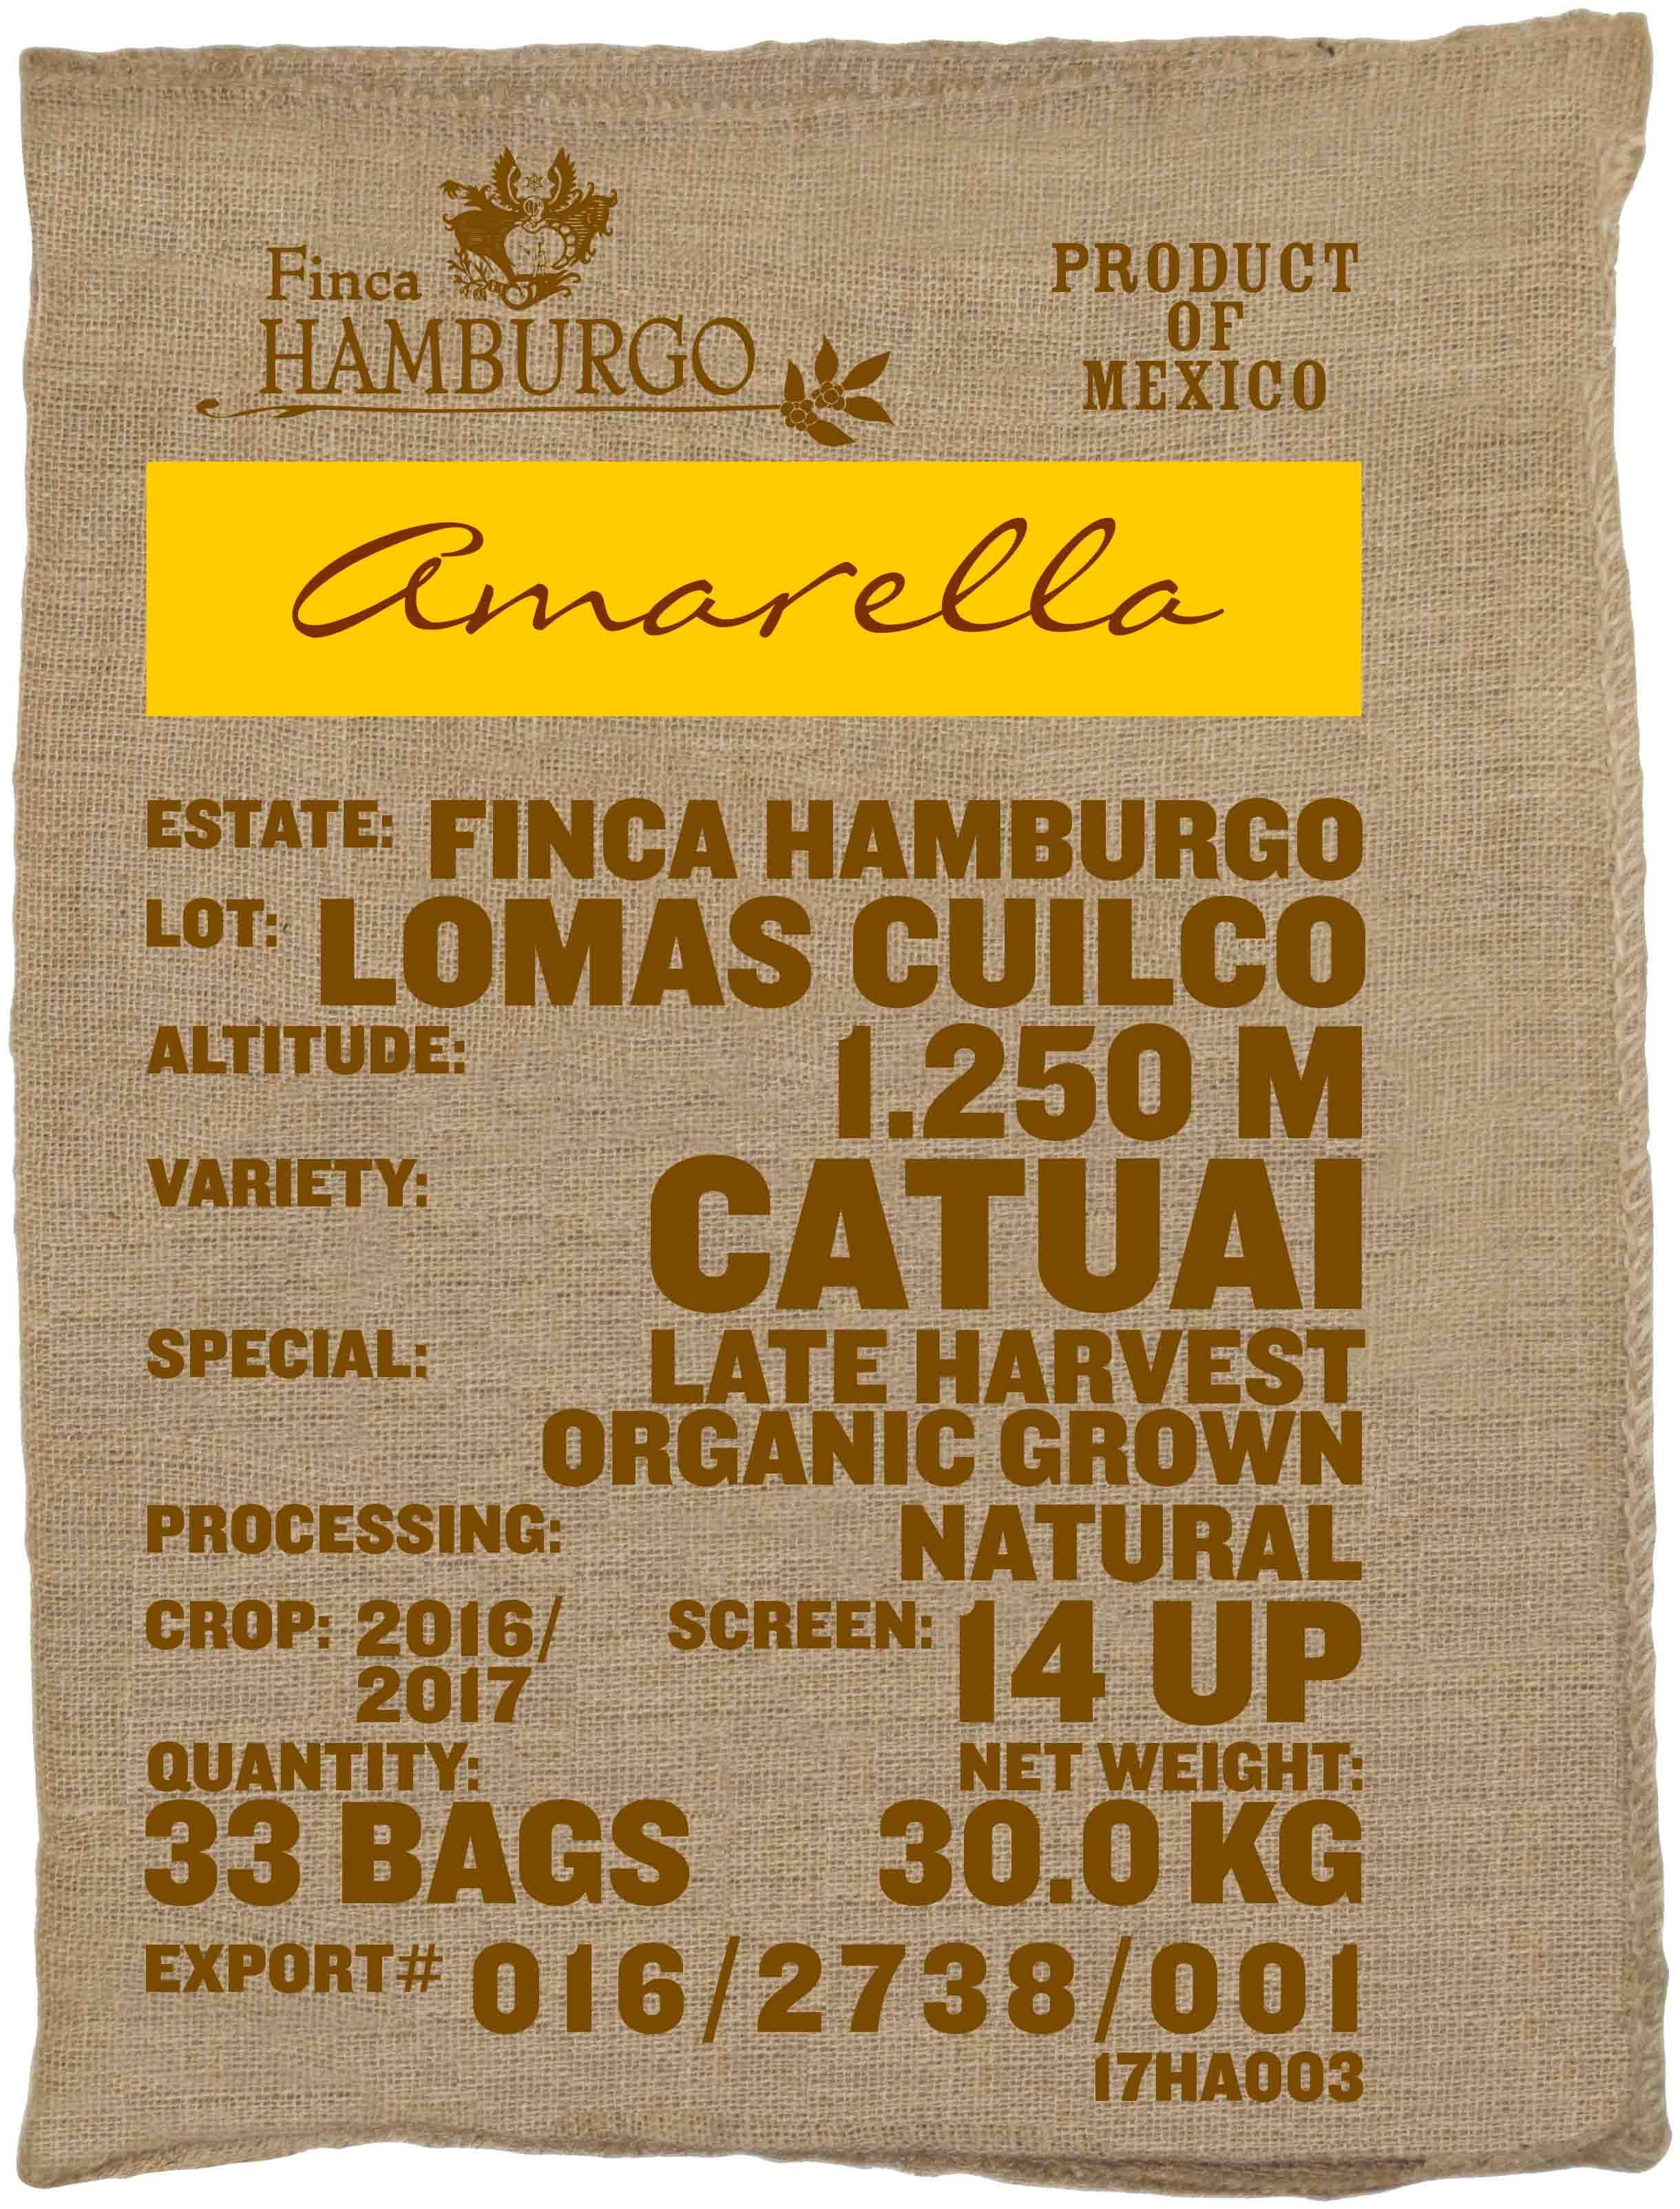 Ein Rohkaffeesack amarella Parzellenkaffee Varietät Catuai. Finca Hamburgo Lot Lomas Cuilco.